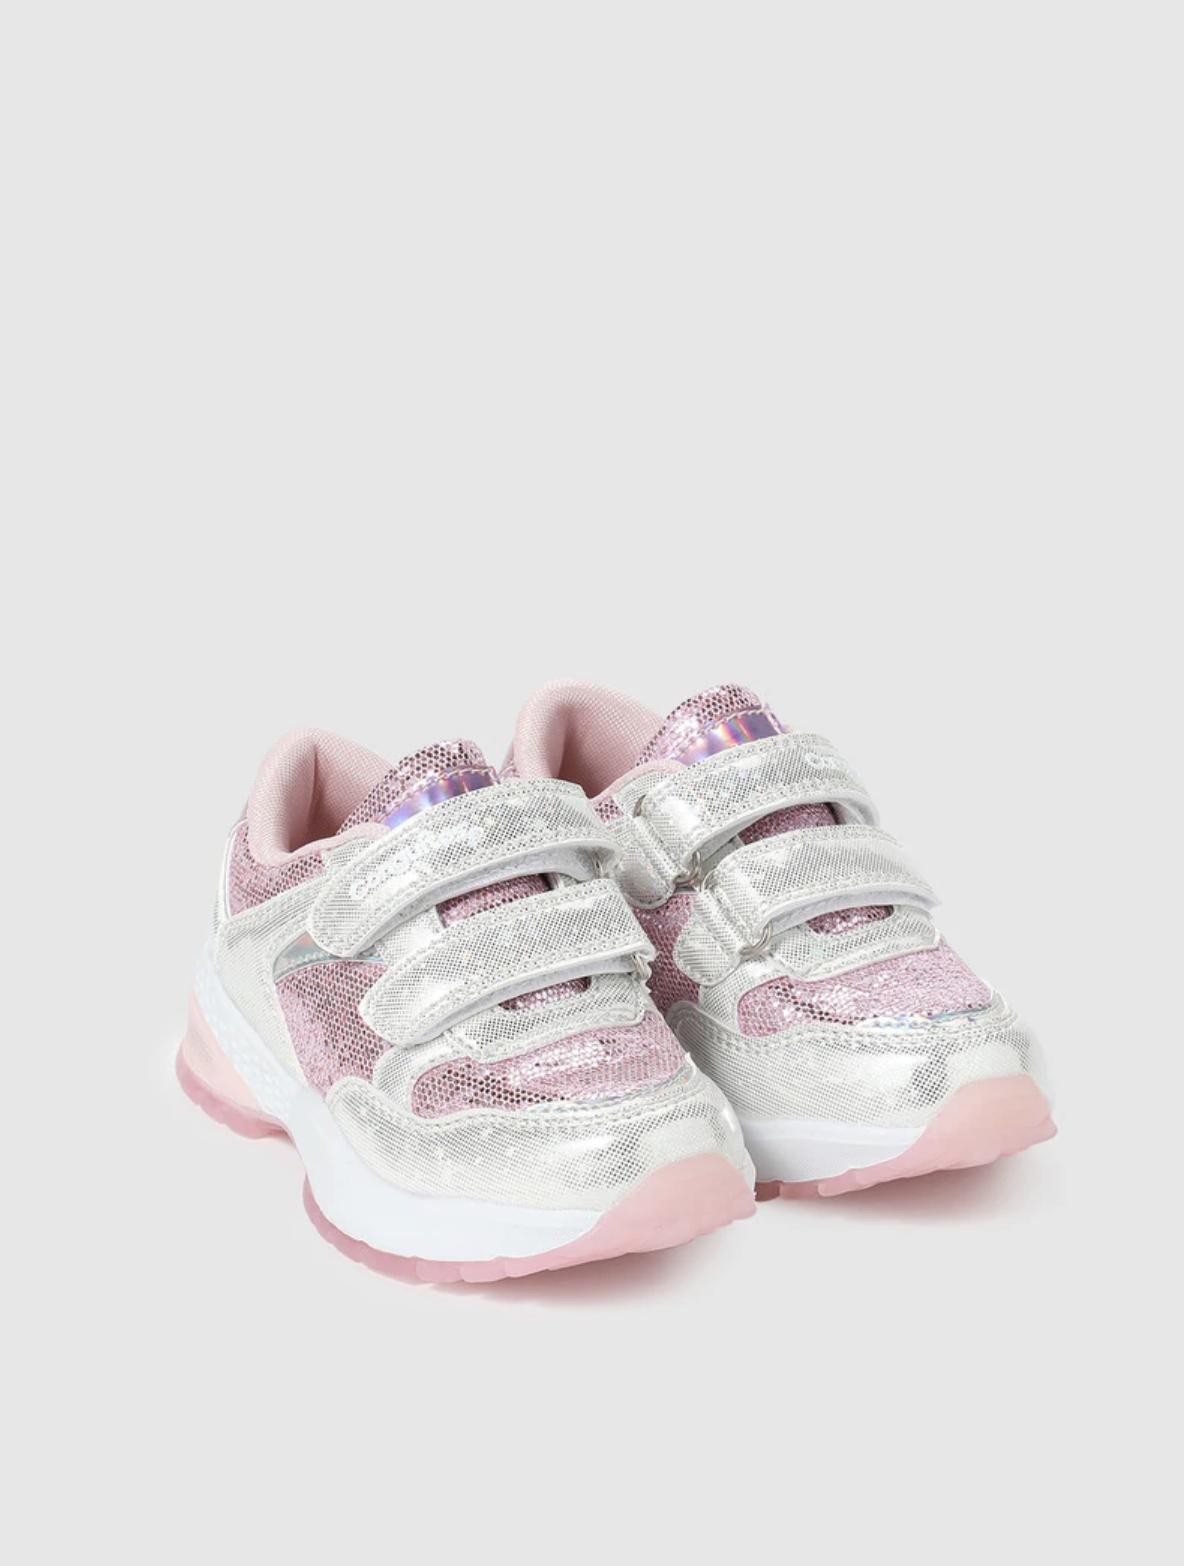 Zapatillas de luces de niña Conguitos en color rosa con doble cierre adherente